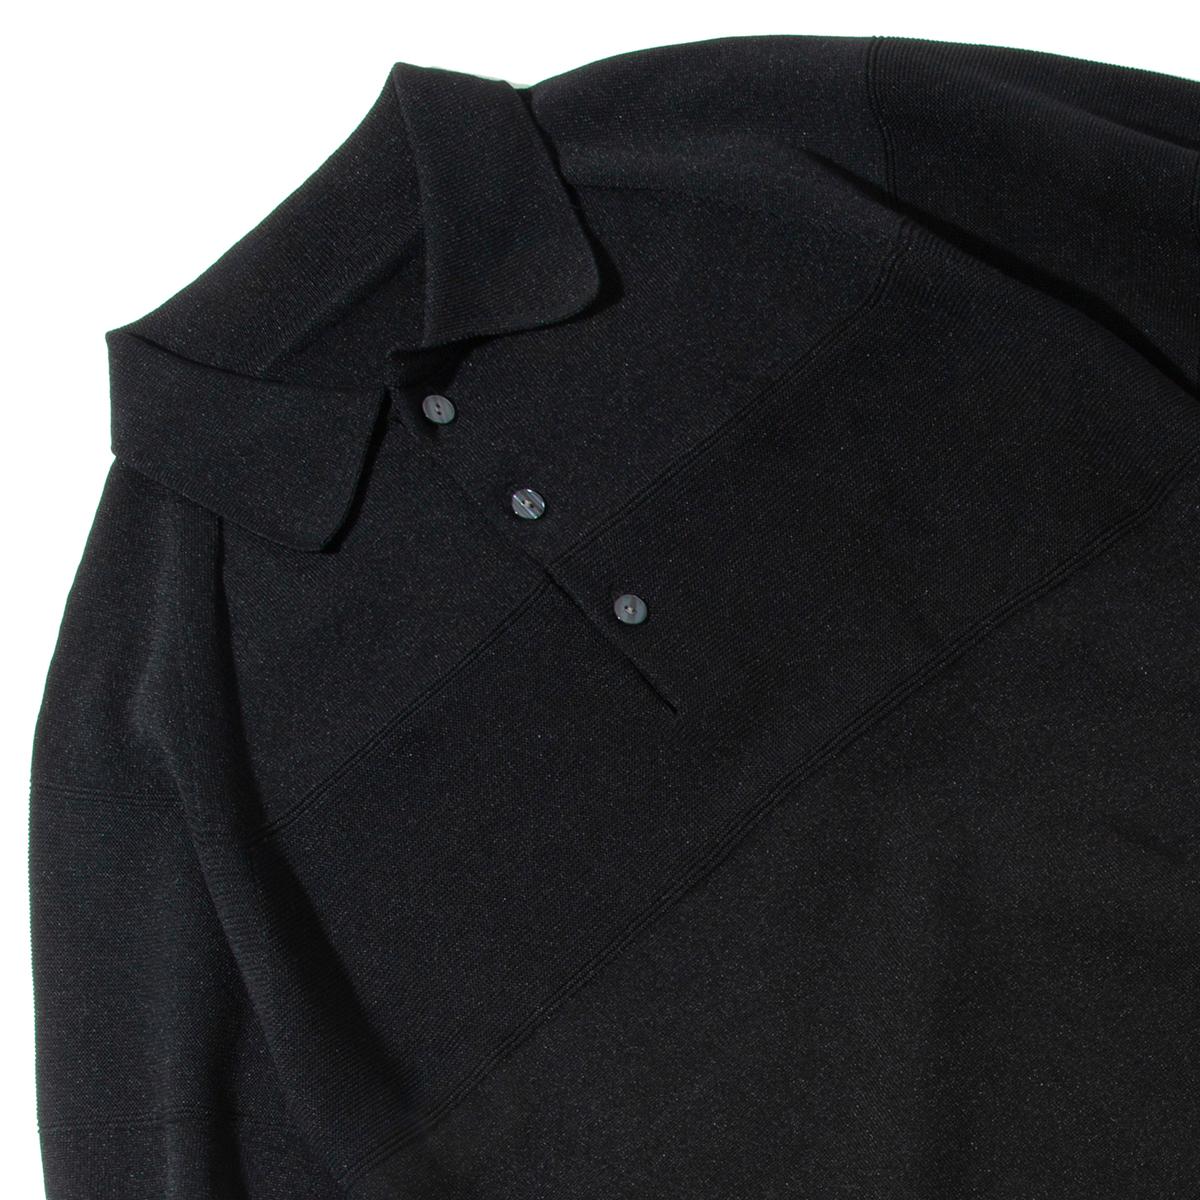 風通しがよくて、シャリシャリの和紙糸は、吸った汗をドンドン放出。汗でベタつかない、匂わない、綿より軽い!三拍子揃った「ニットポロシャツ」|伊予和紙ポロシャツ